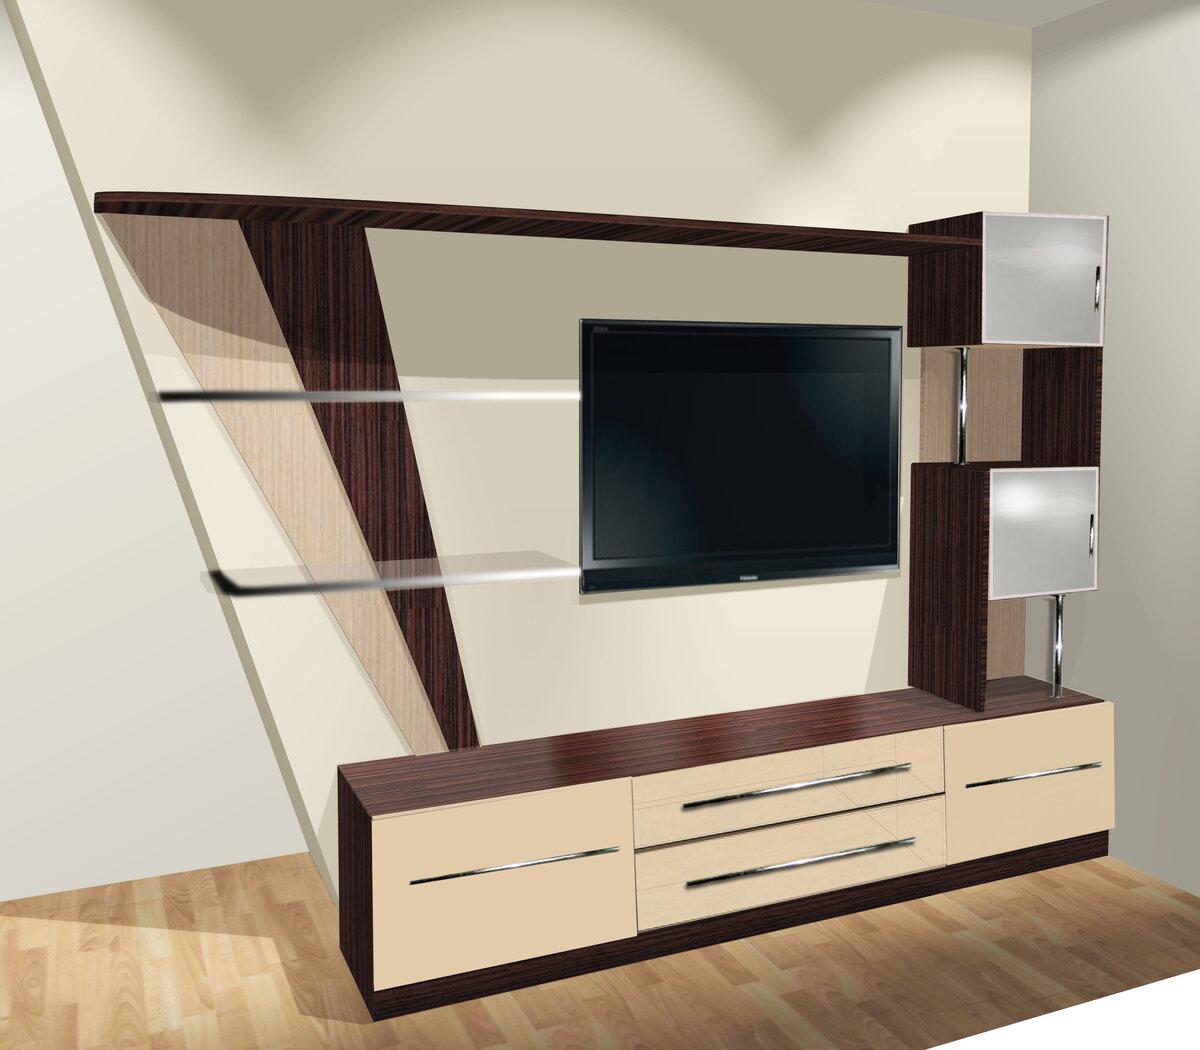 горка под телевизор мебель картинки изложены подробные, пошаговые